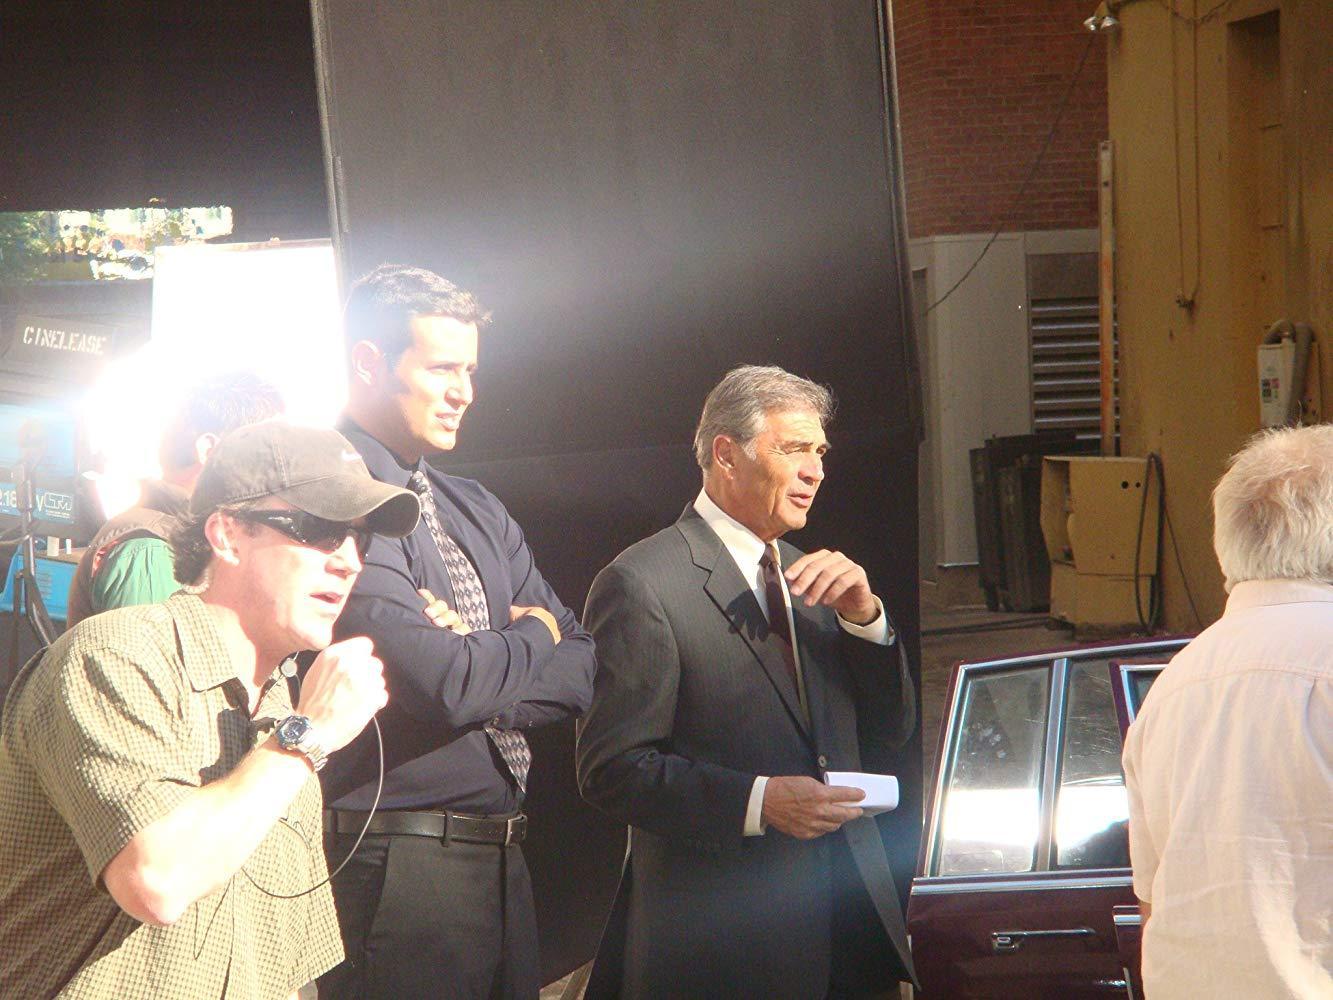 مشاهدة فيلم Middle Men 2009 HD مترجم كامل اون لاين